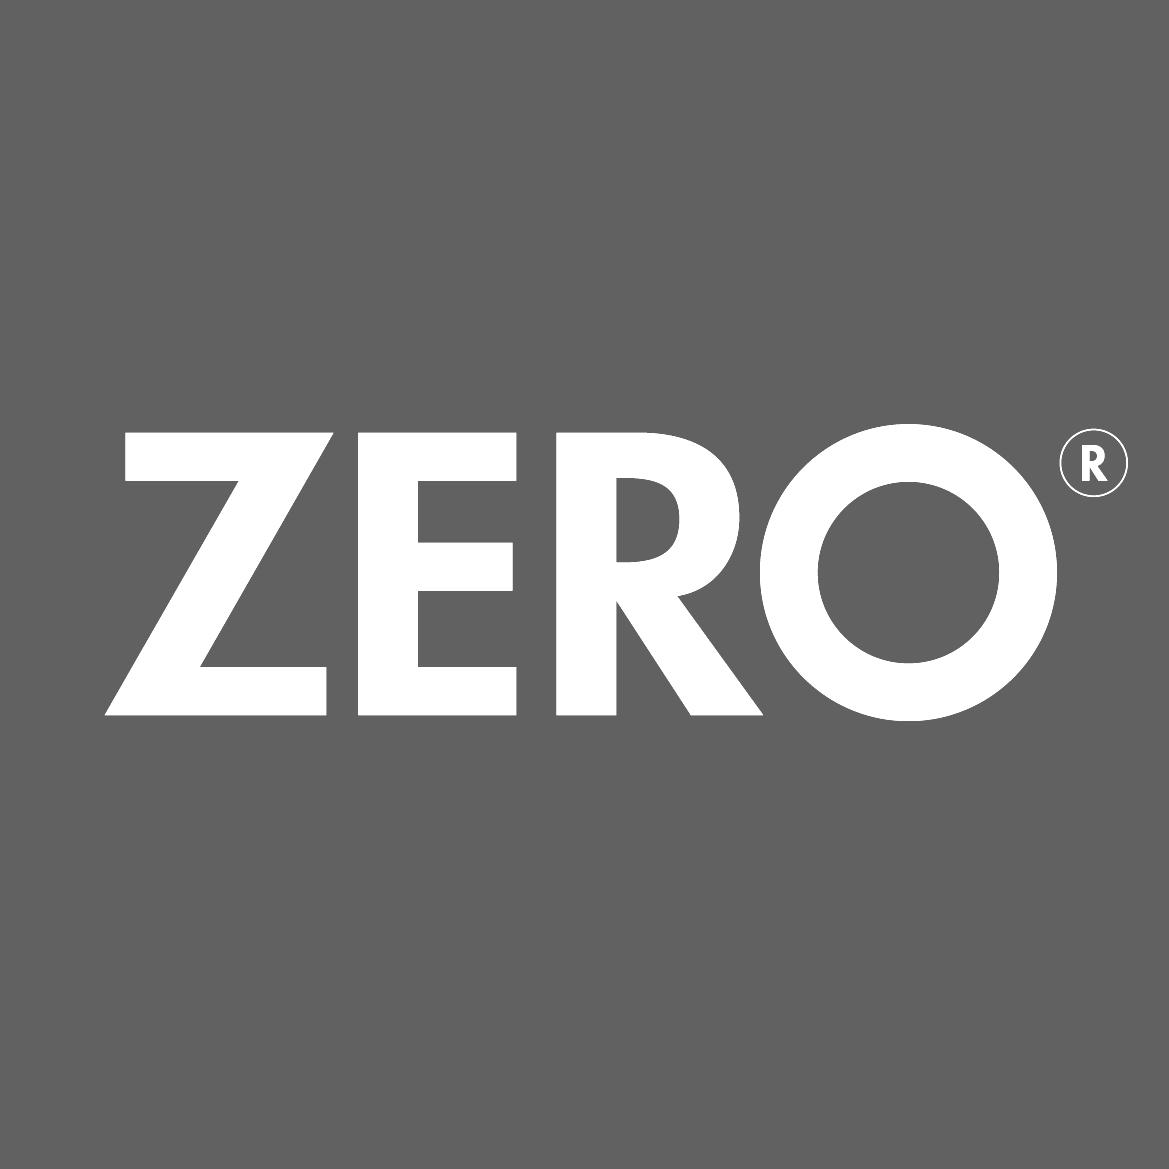 zerologo_stor-blackwhite